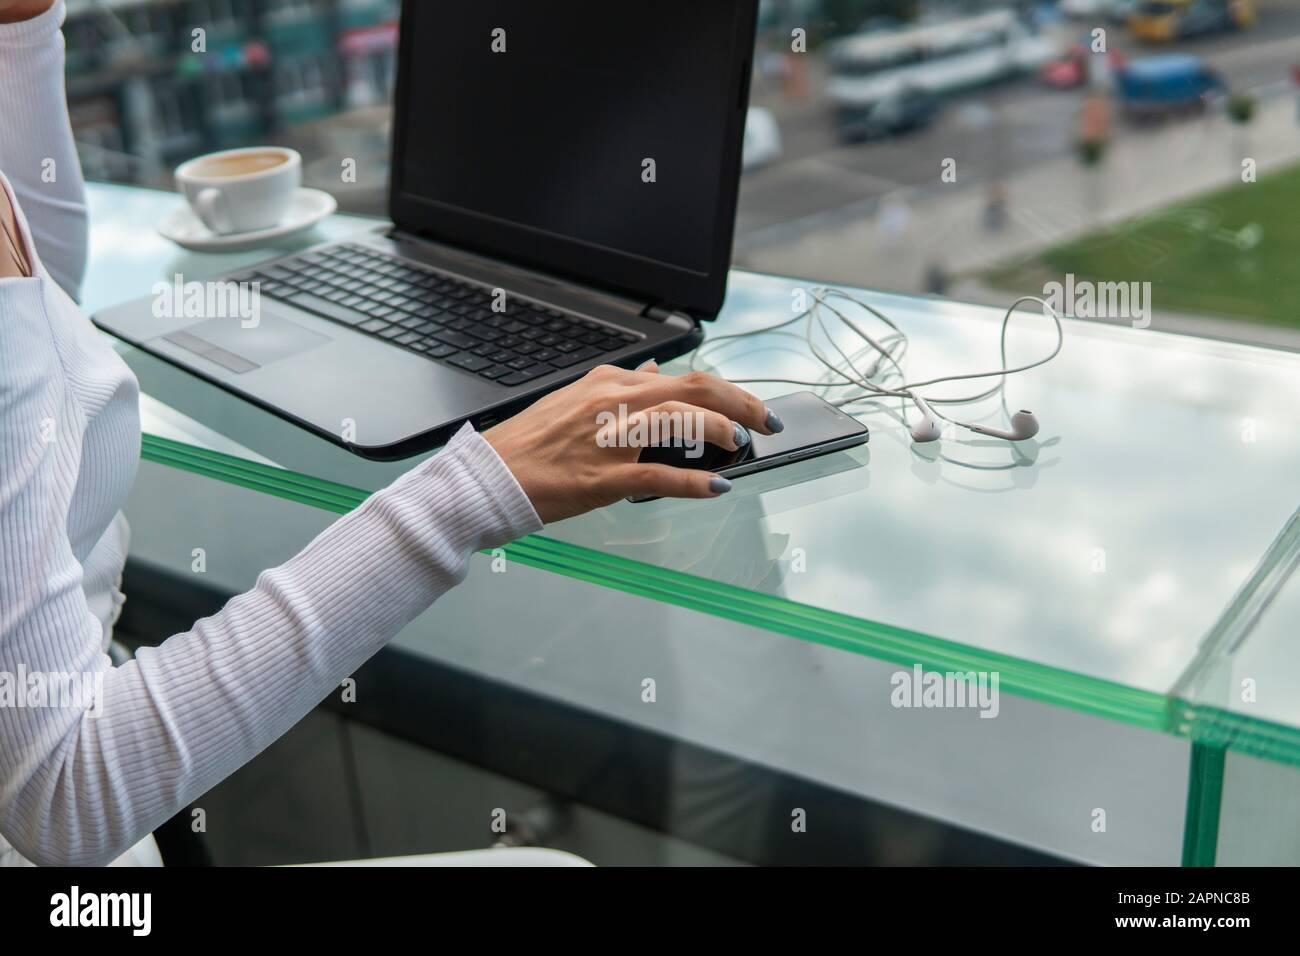 Une femme travaille à l'aide d'un ordinateur portable sur la table. Mains de la saisie sur un clavier. Femme d'affaires est de taper sur un clavier d'ordinateur portable assis dans le café. Banque D'Images